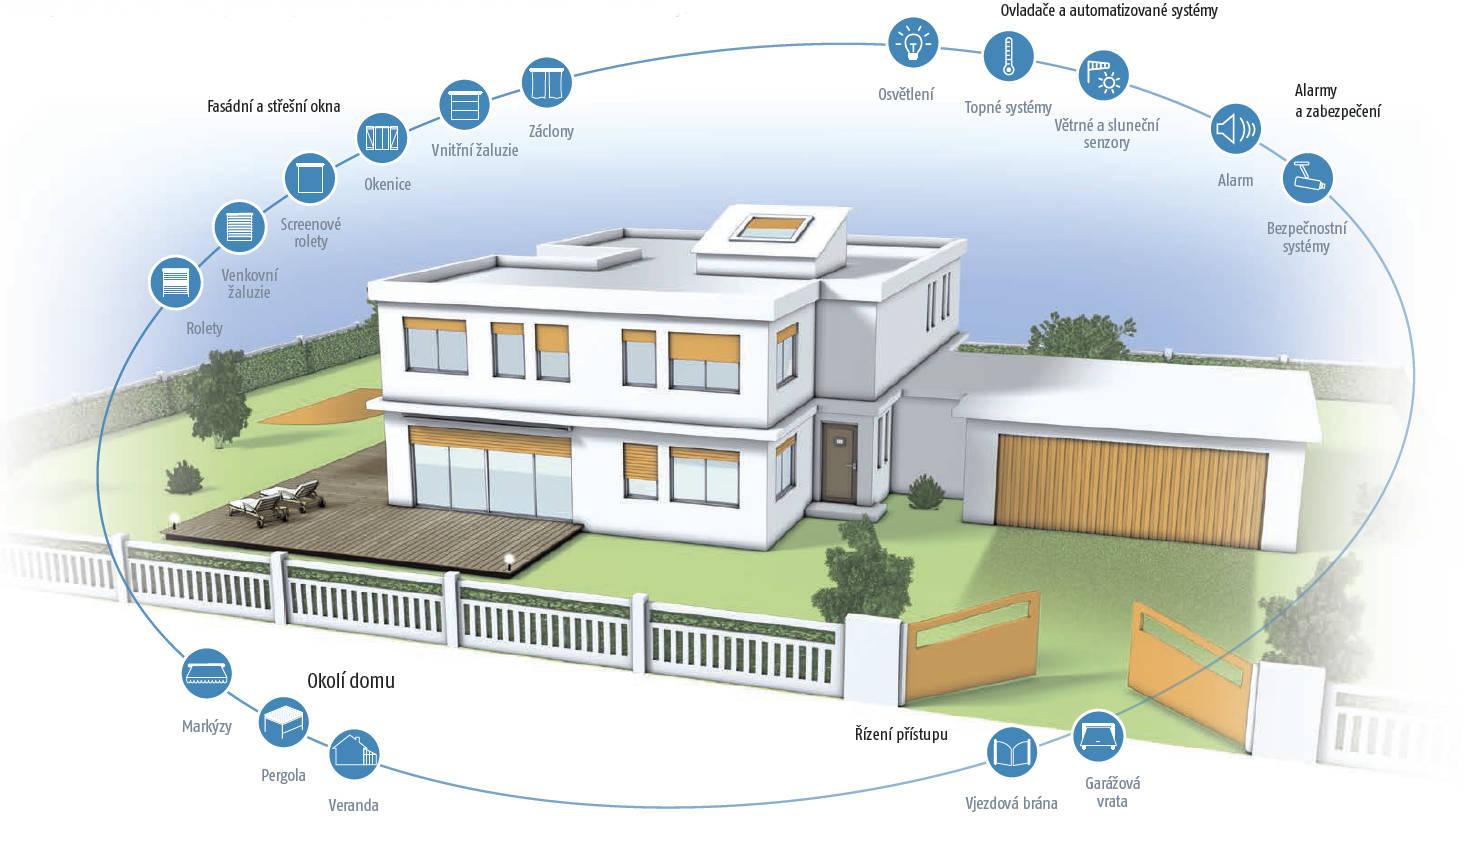 Systém Tahoma - ovládejte svůj dům odkudkoli